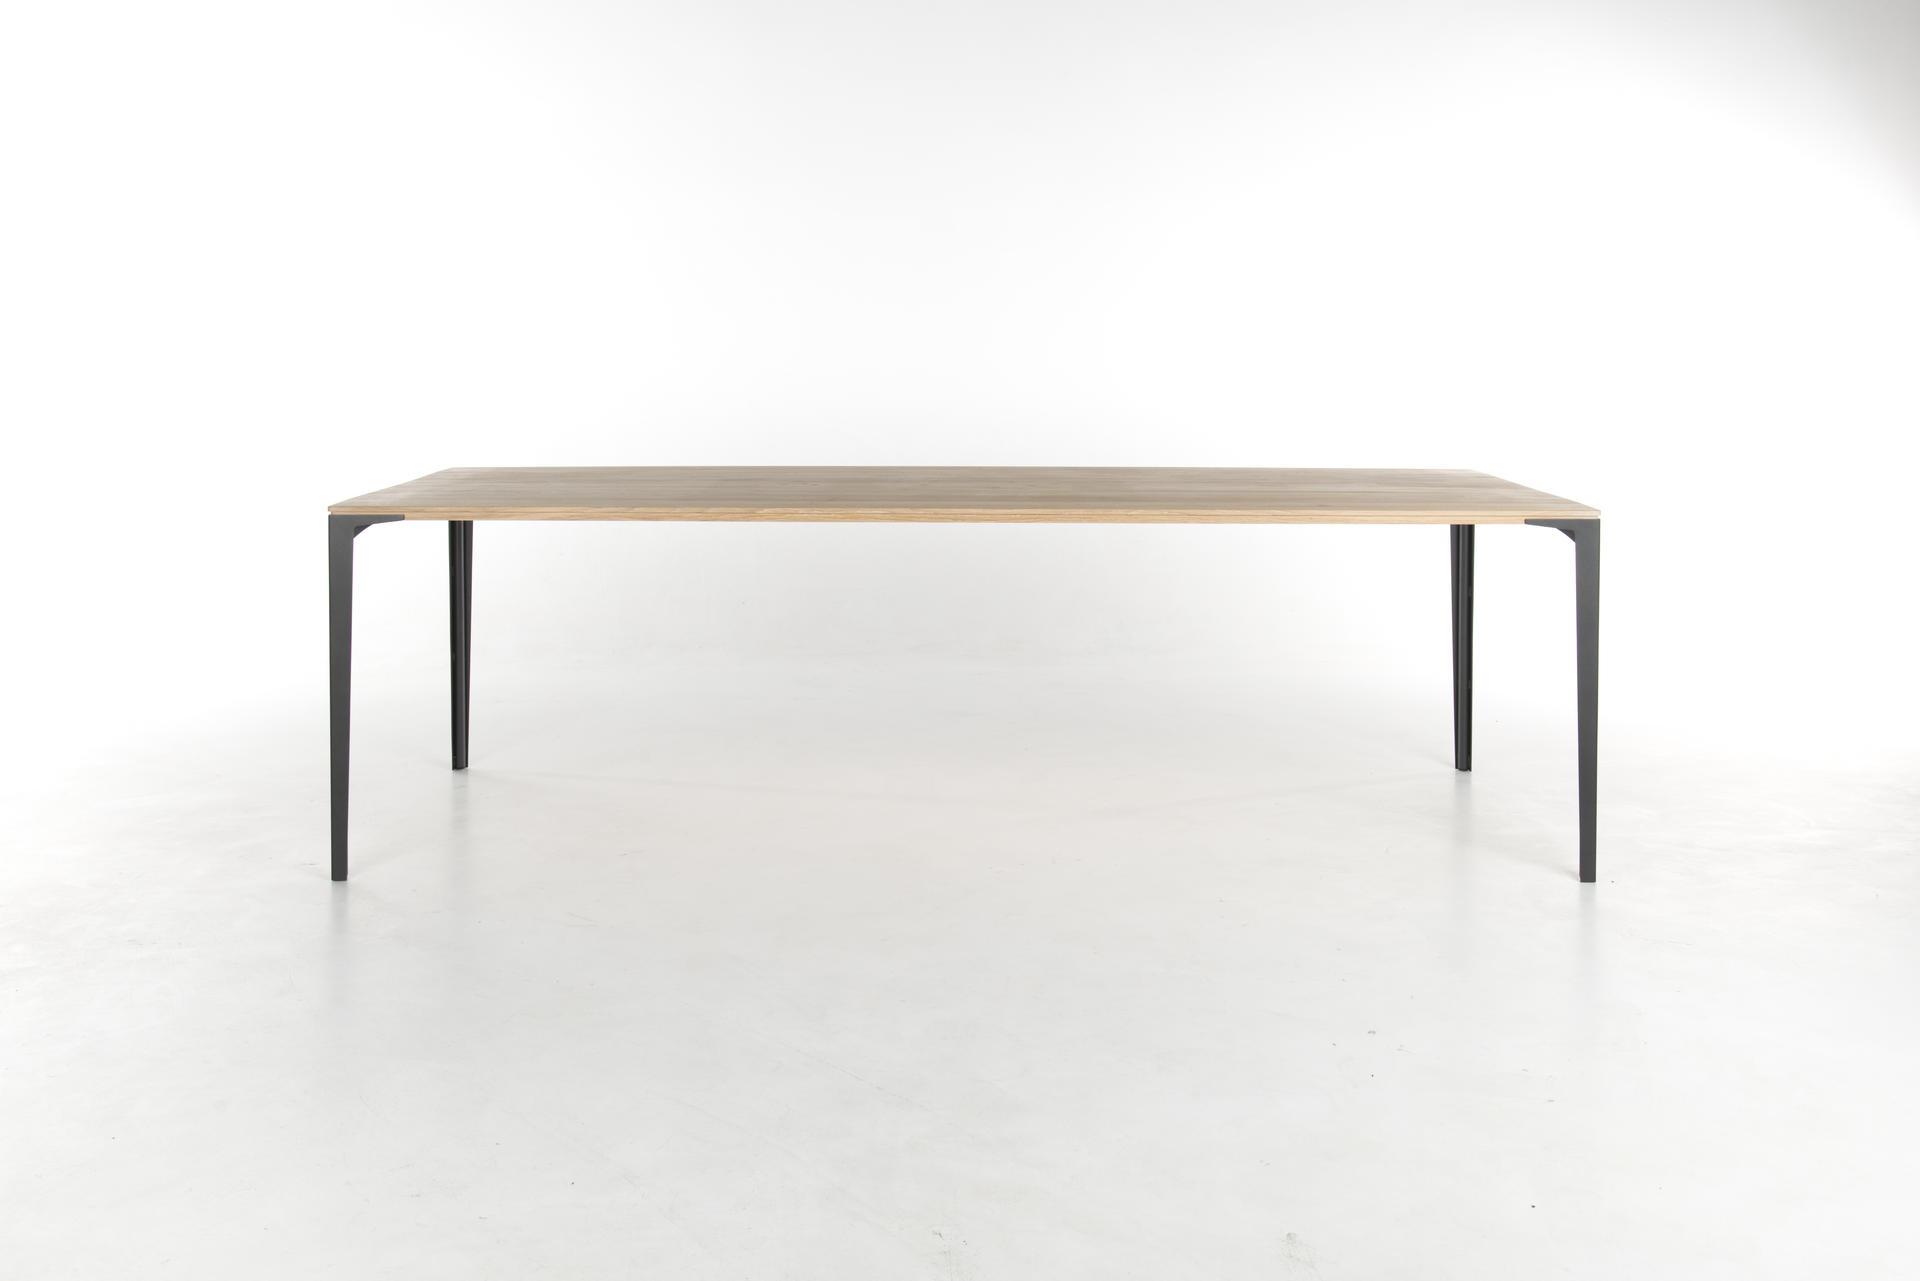 Bert Plantagie, стол Joop, фото 2